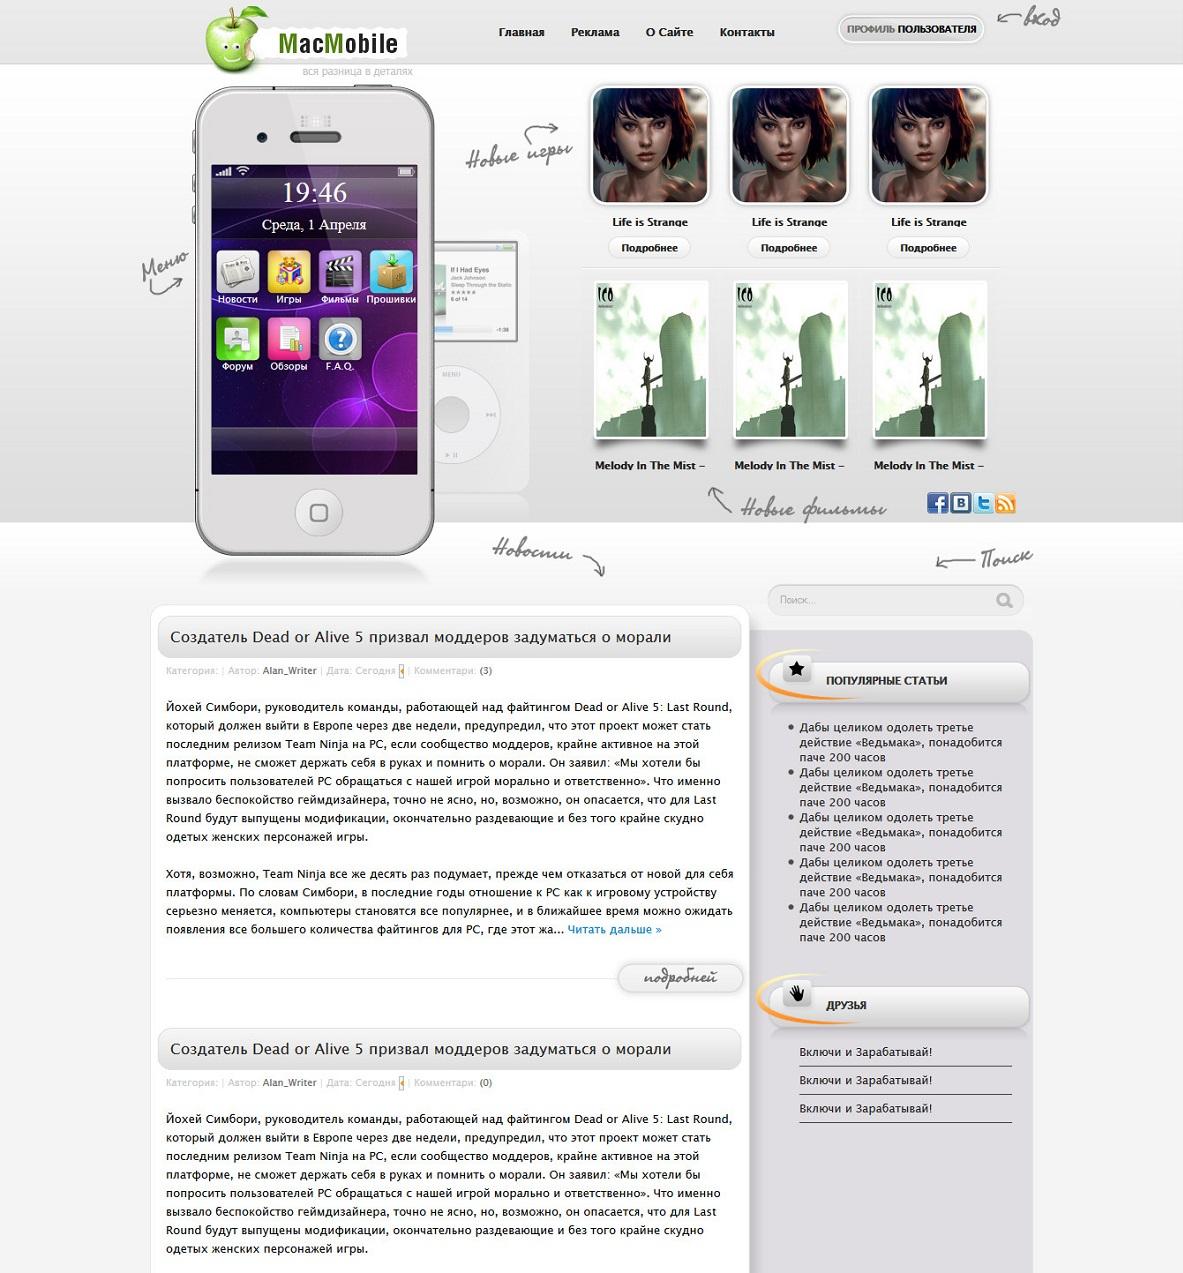 Мобильный шаблон Macmobile для uCoz